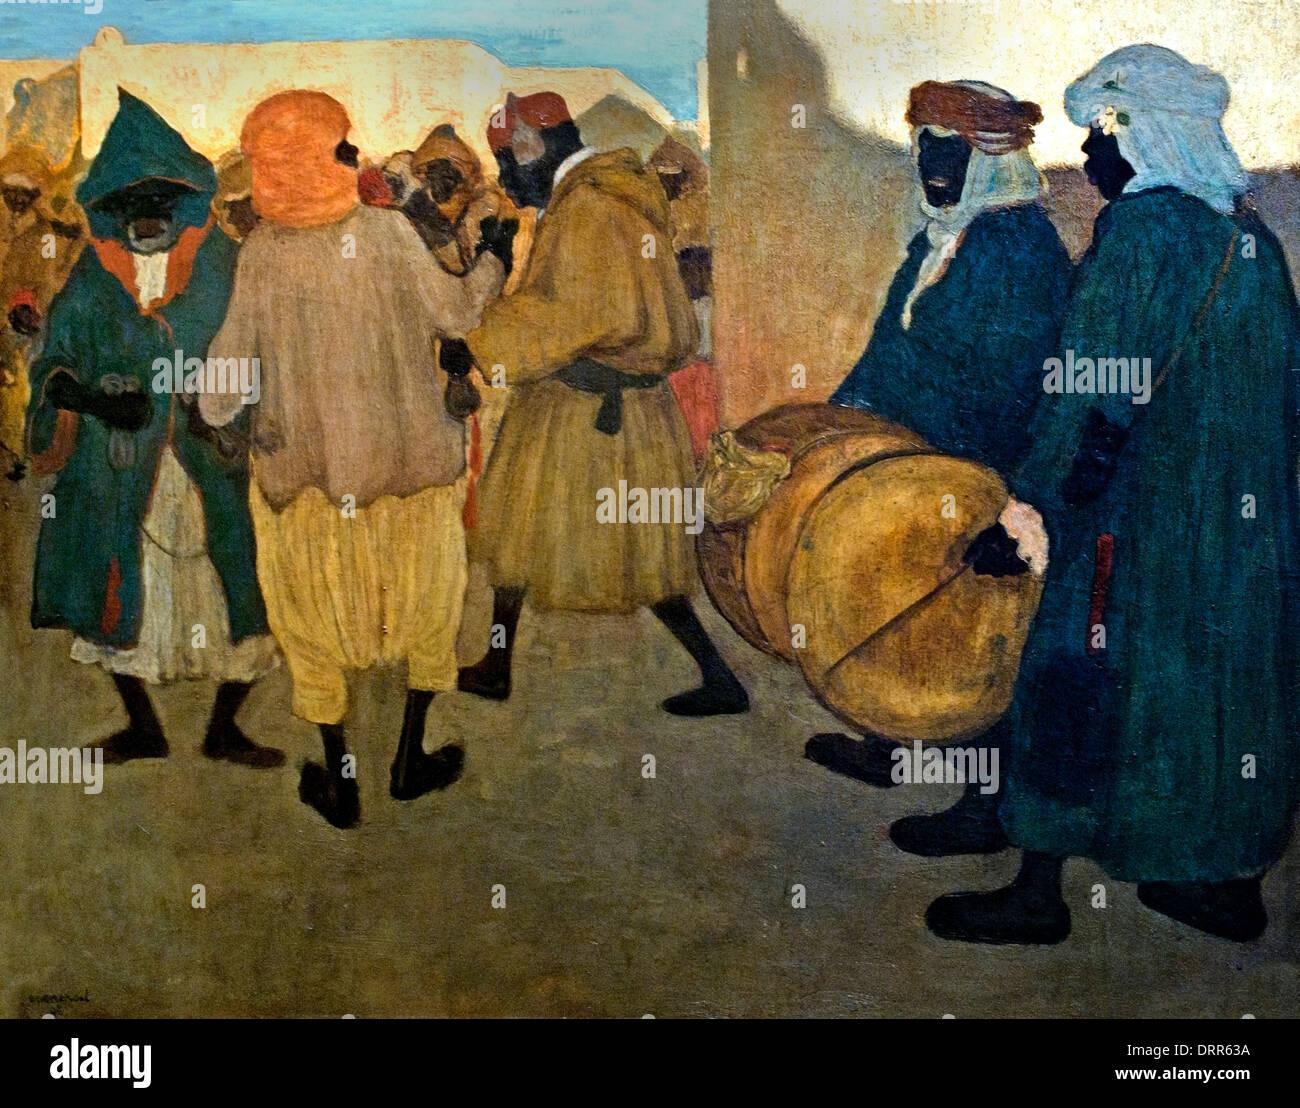 Annonce du Festival negro Blida Algérie Henri Evenepoel (1872-1899) 1898 Belgique Belge Blidah Photo Stock